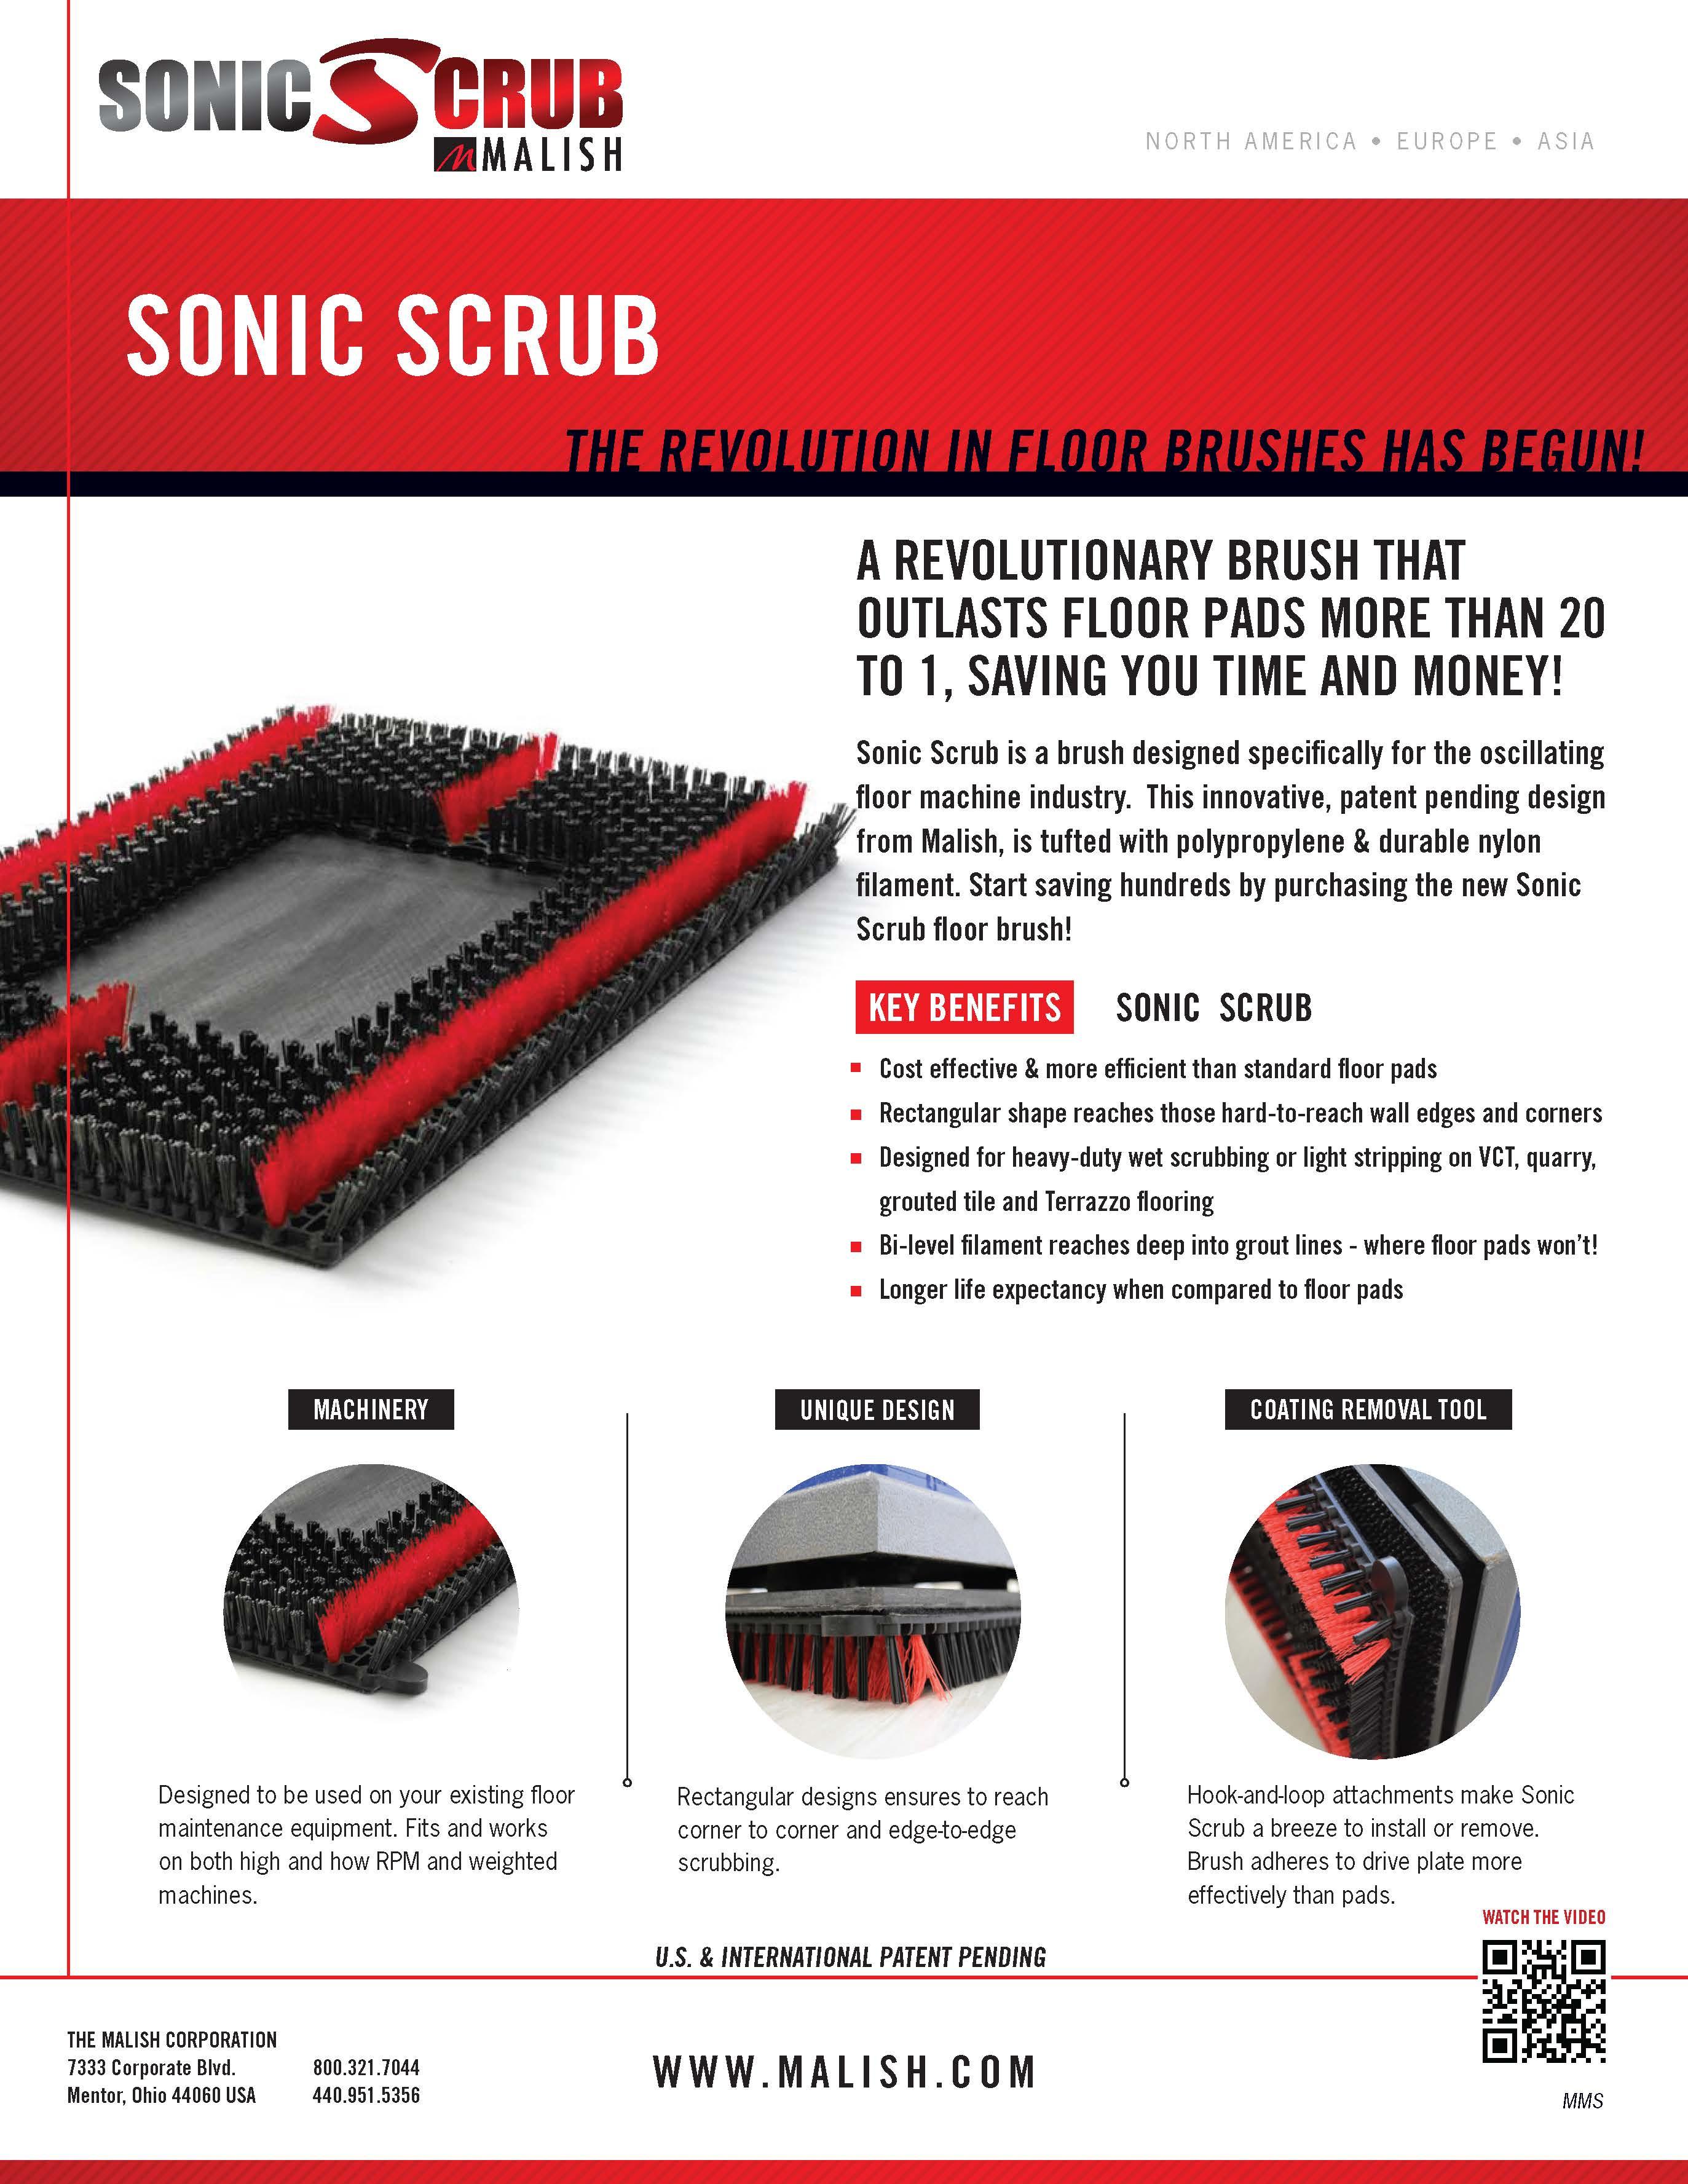 Malish Sonic Scrub